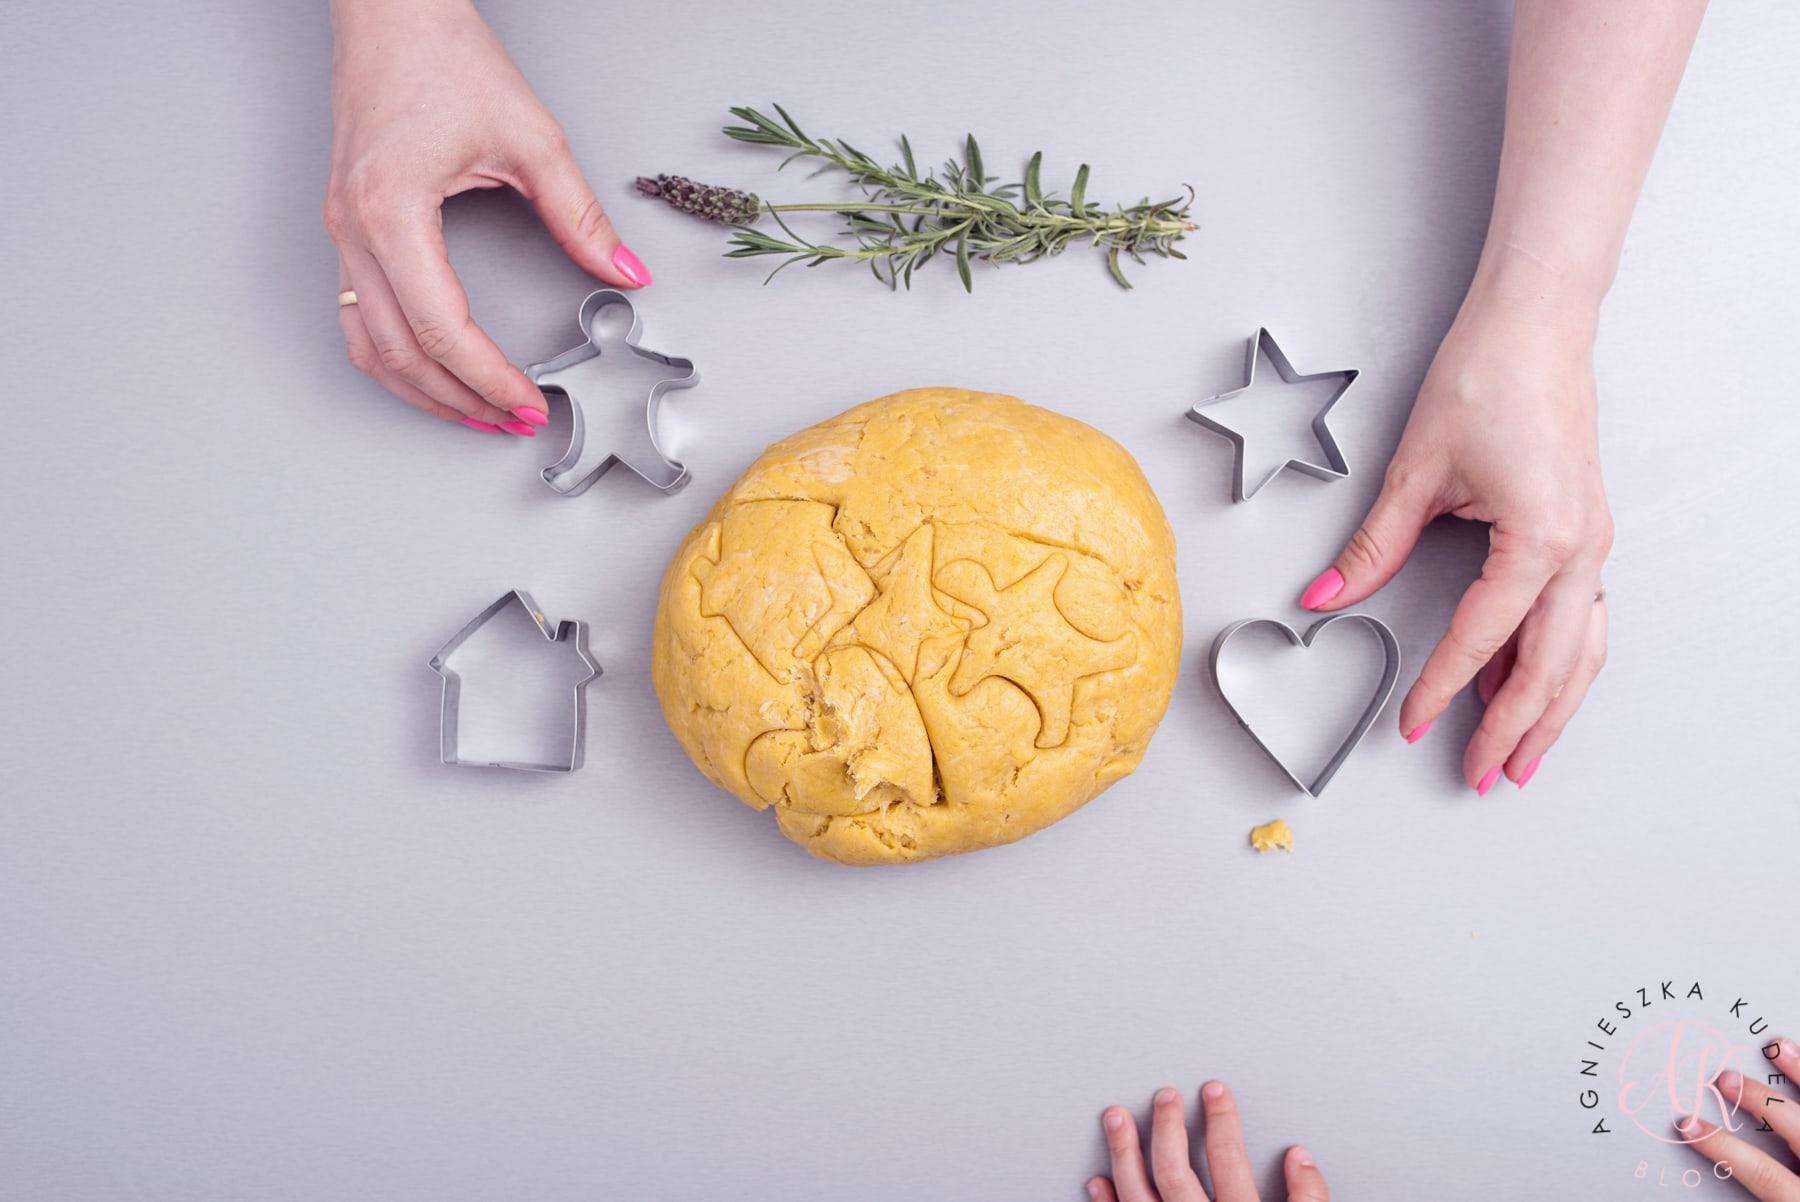 przepis na ciastka fit